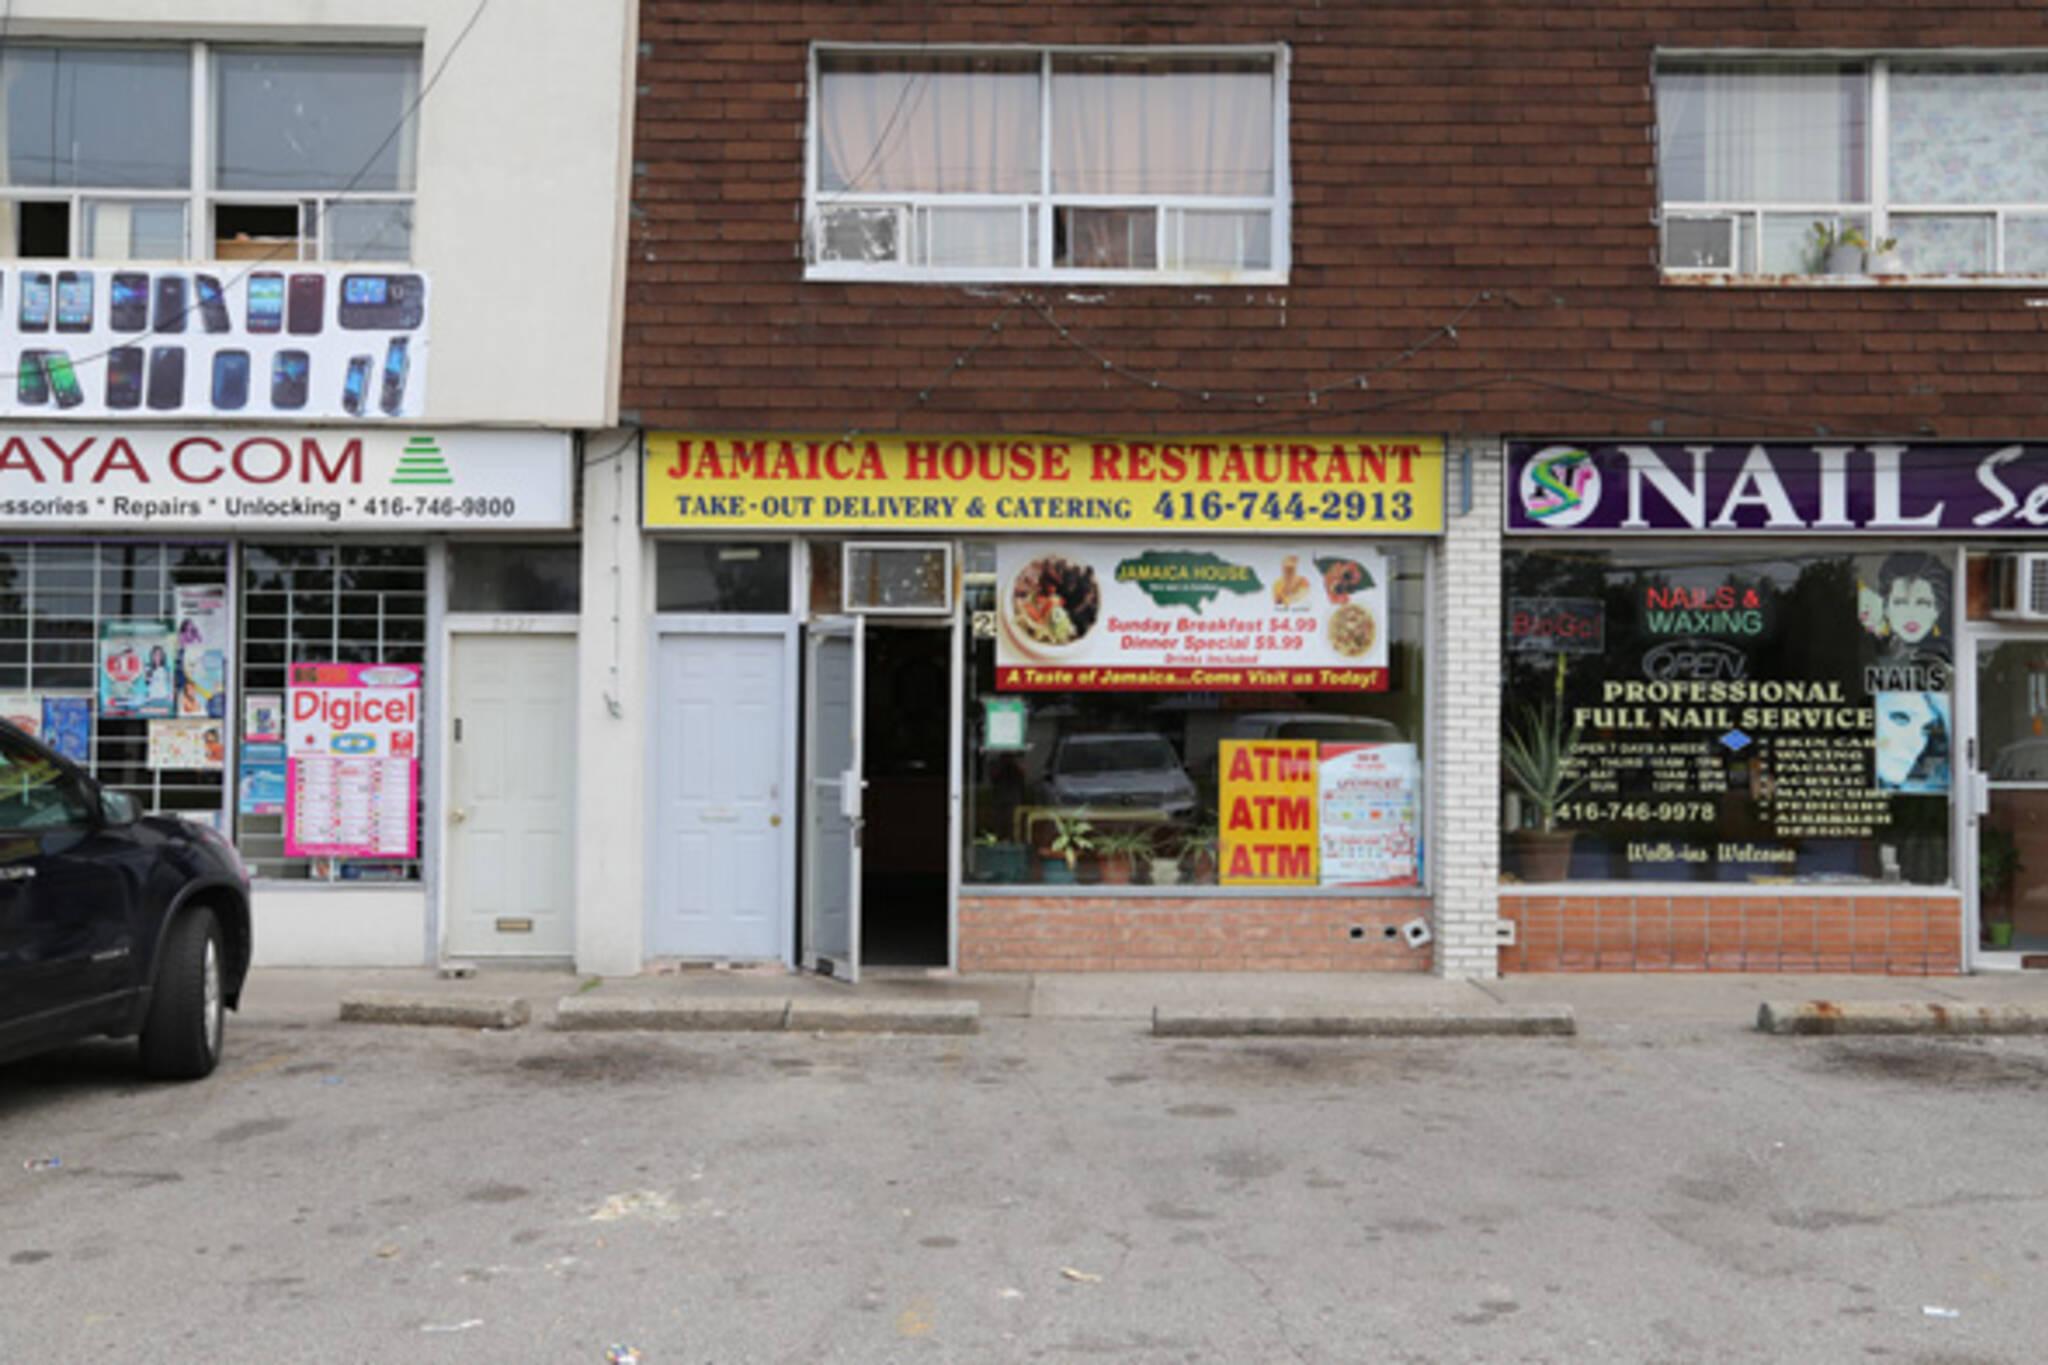 201379-jamaica-house.jpg